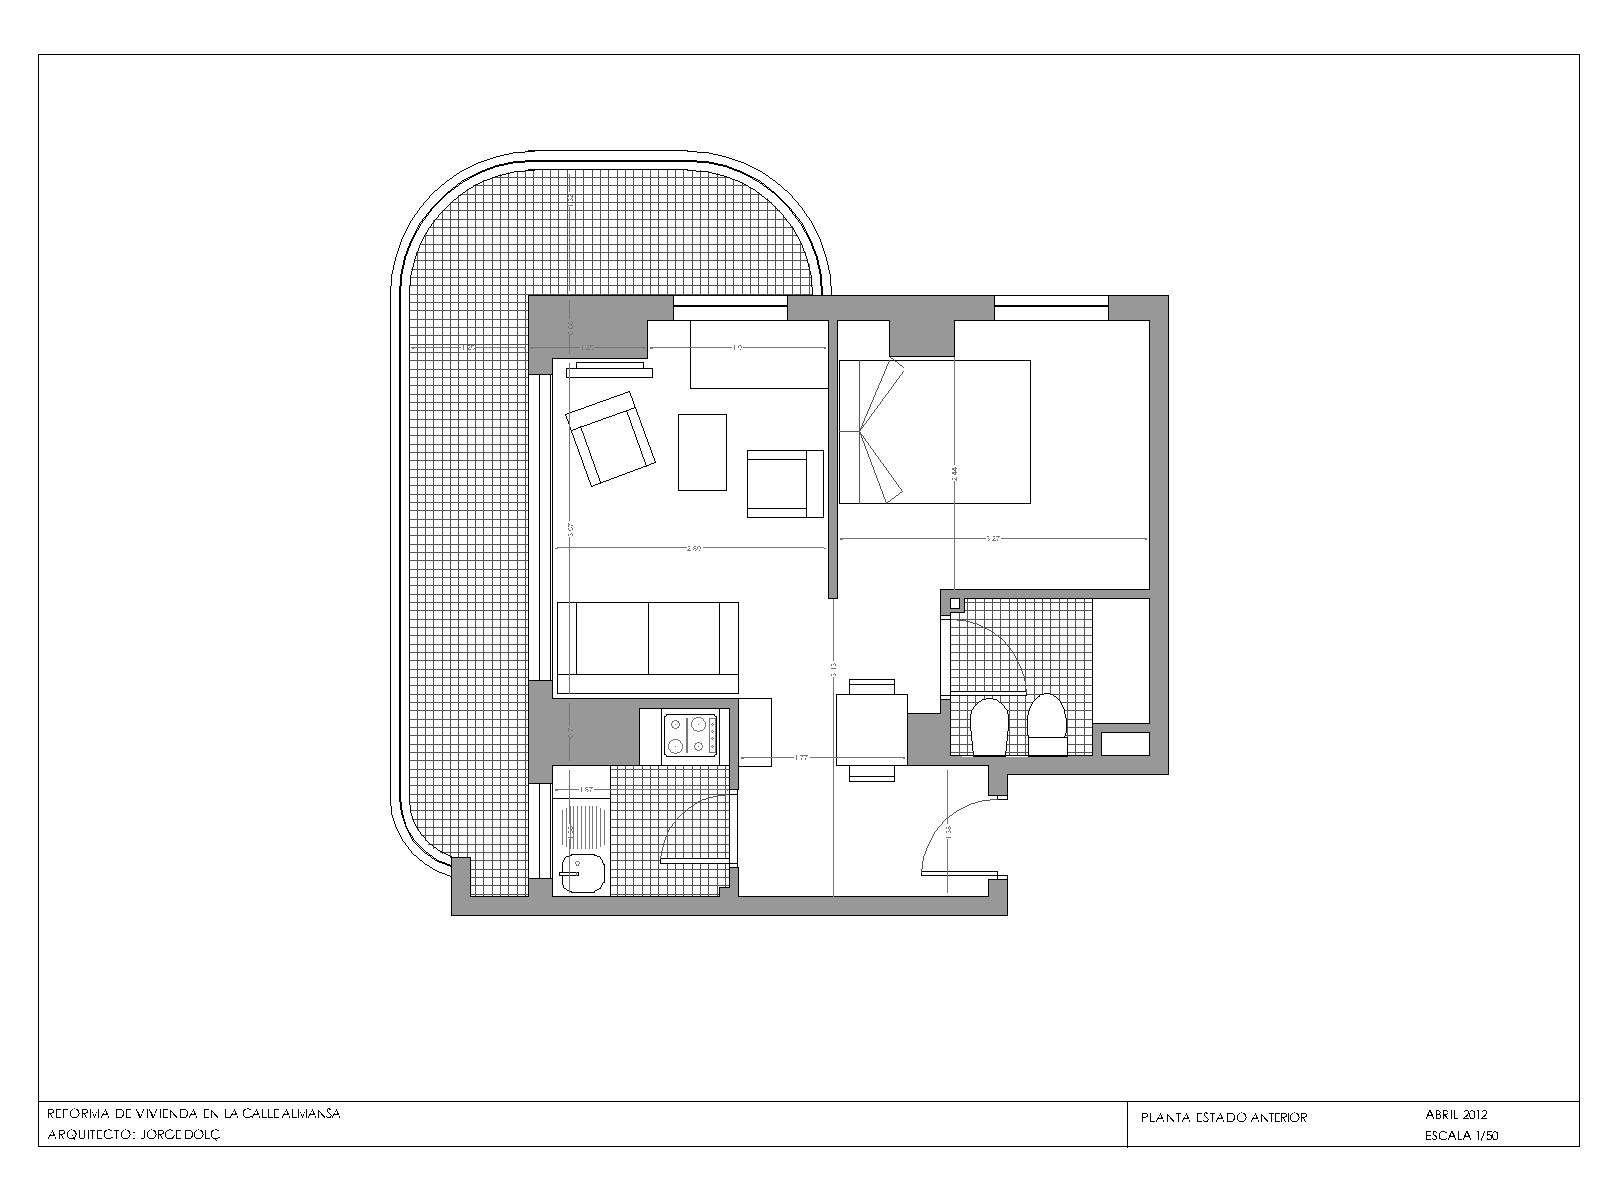 Reforma de vivienda en la calle almansa - Plano de almansa ...